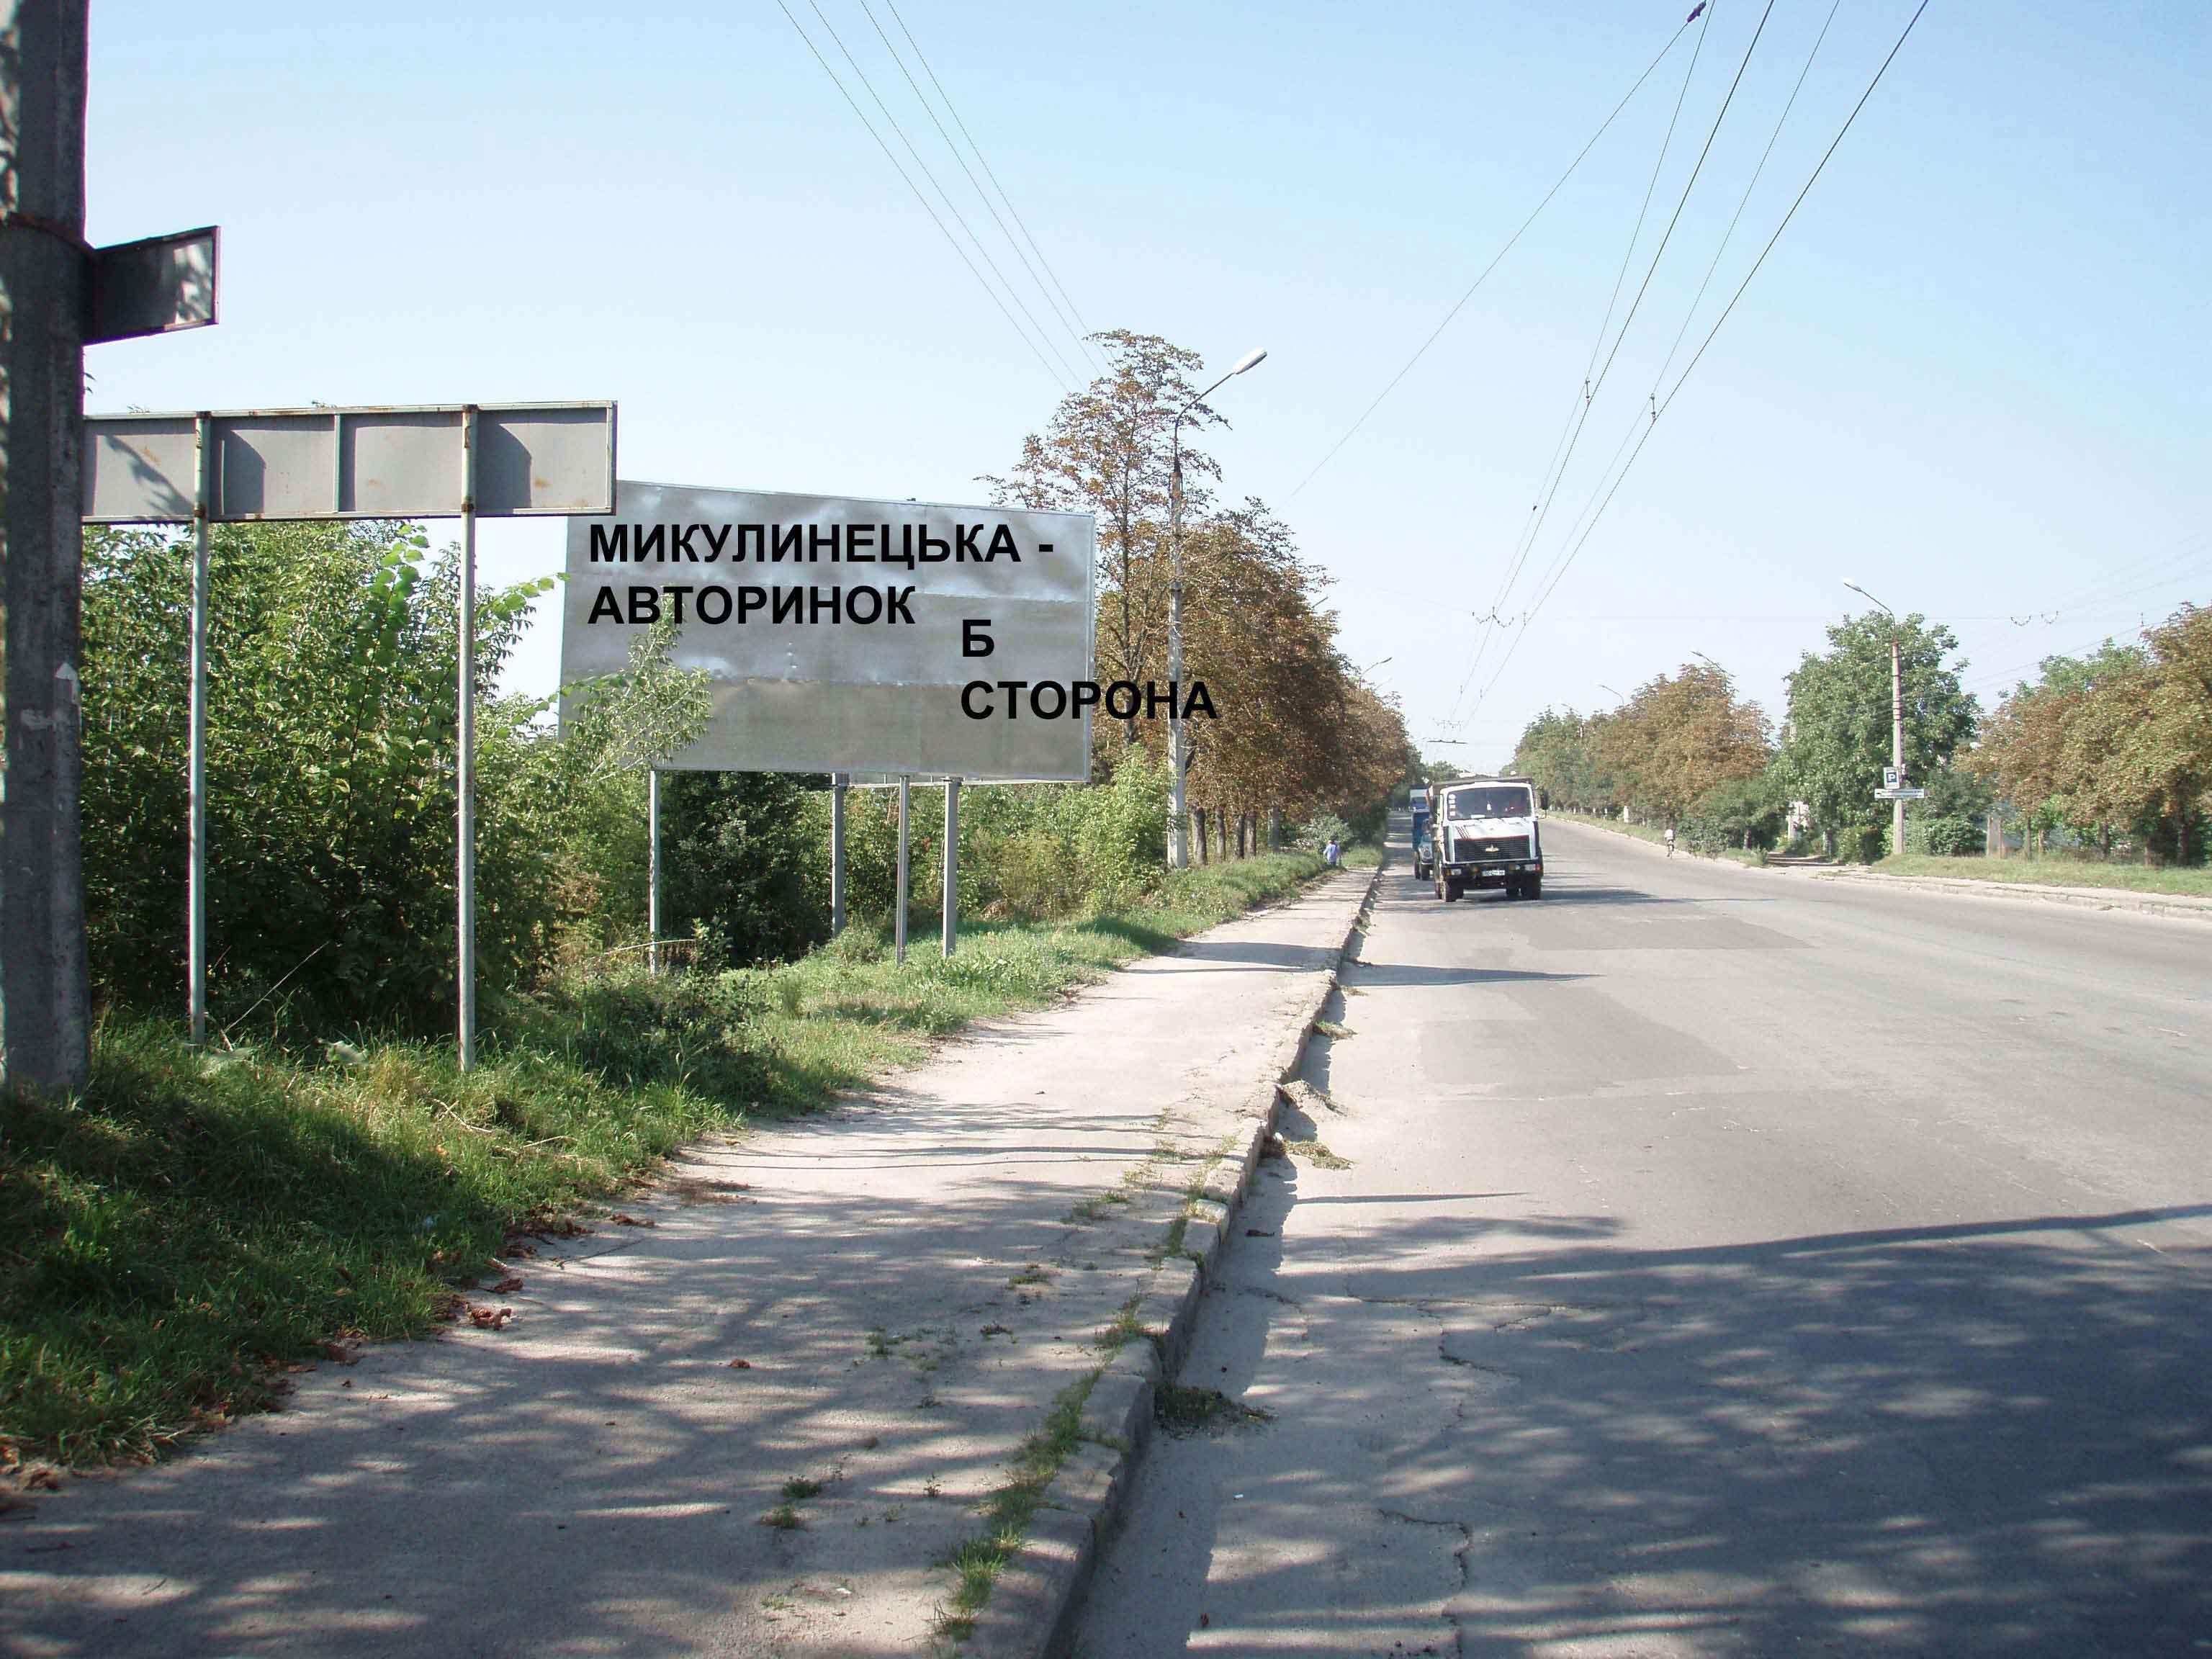 Вулиця Микуленецька (Авторинок)